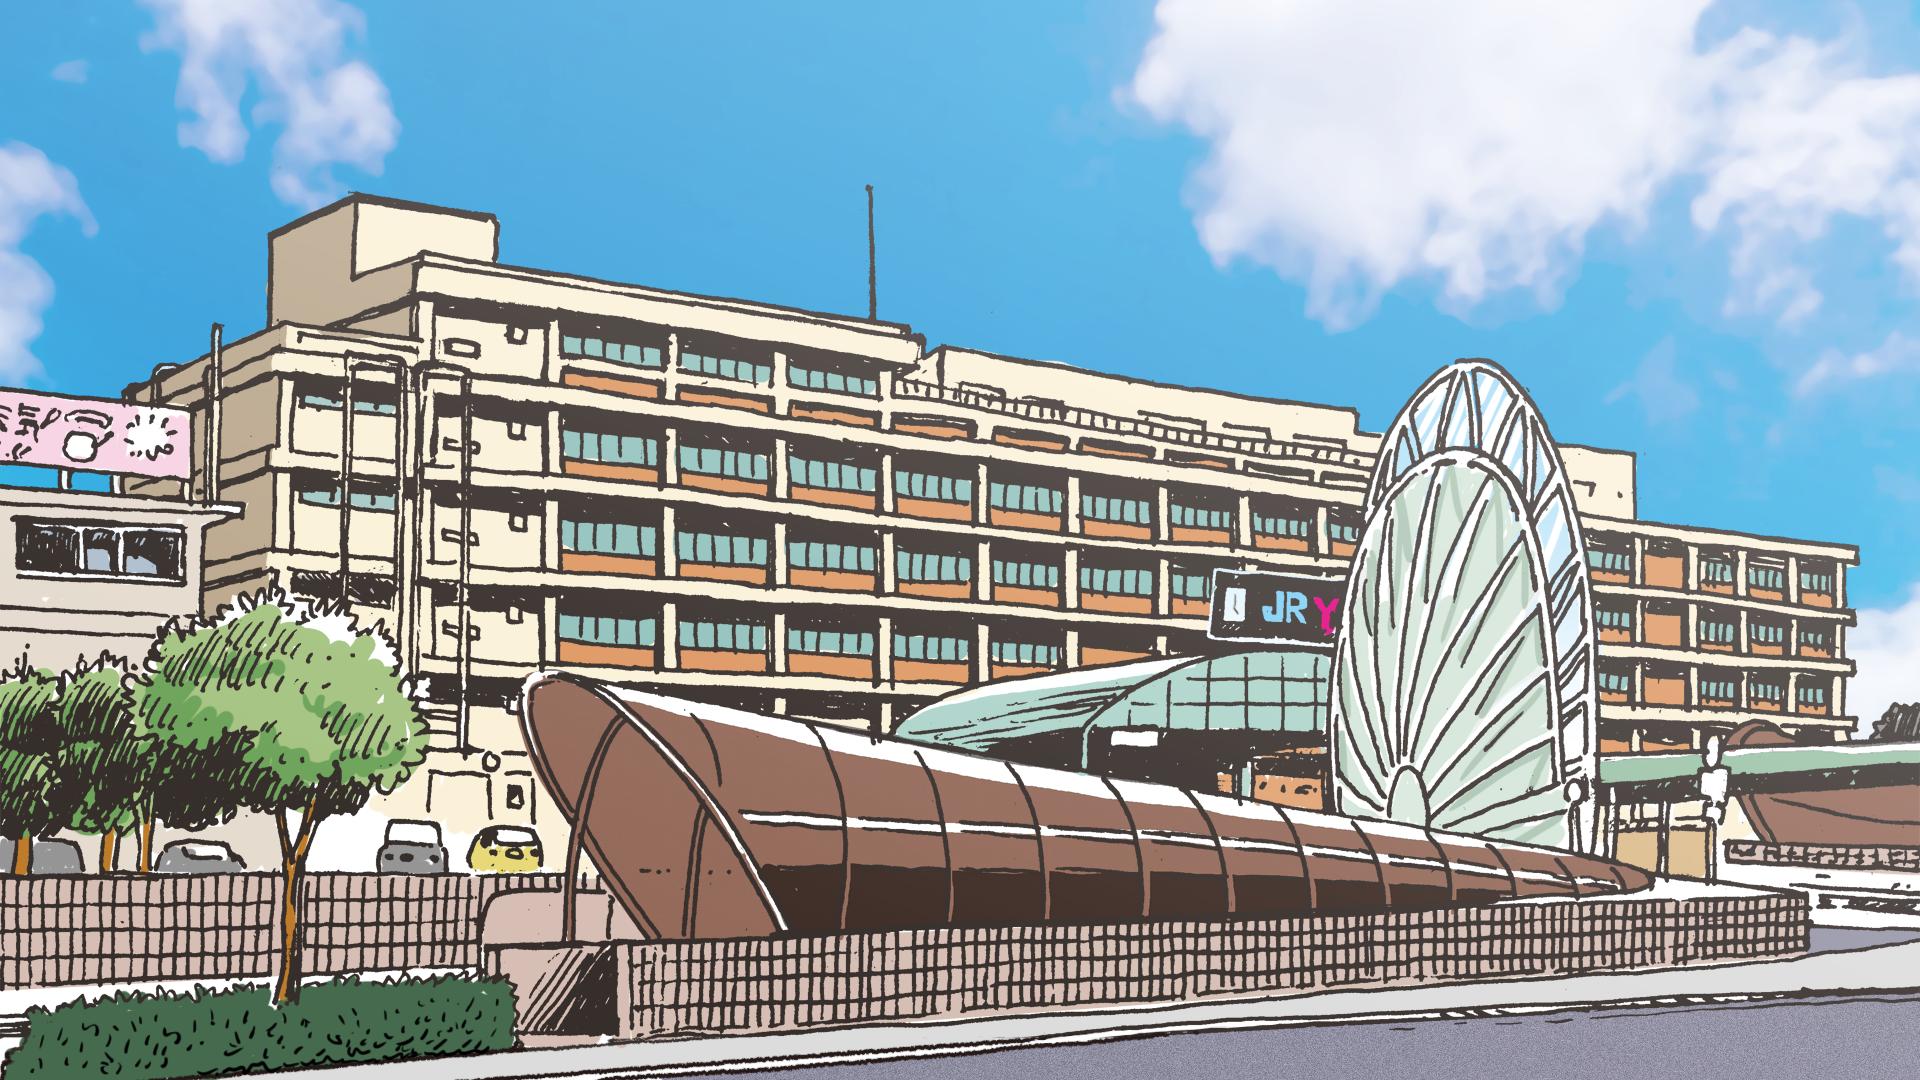 JR米子駅(平成25年ごろ)のイラスト